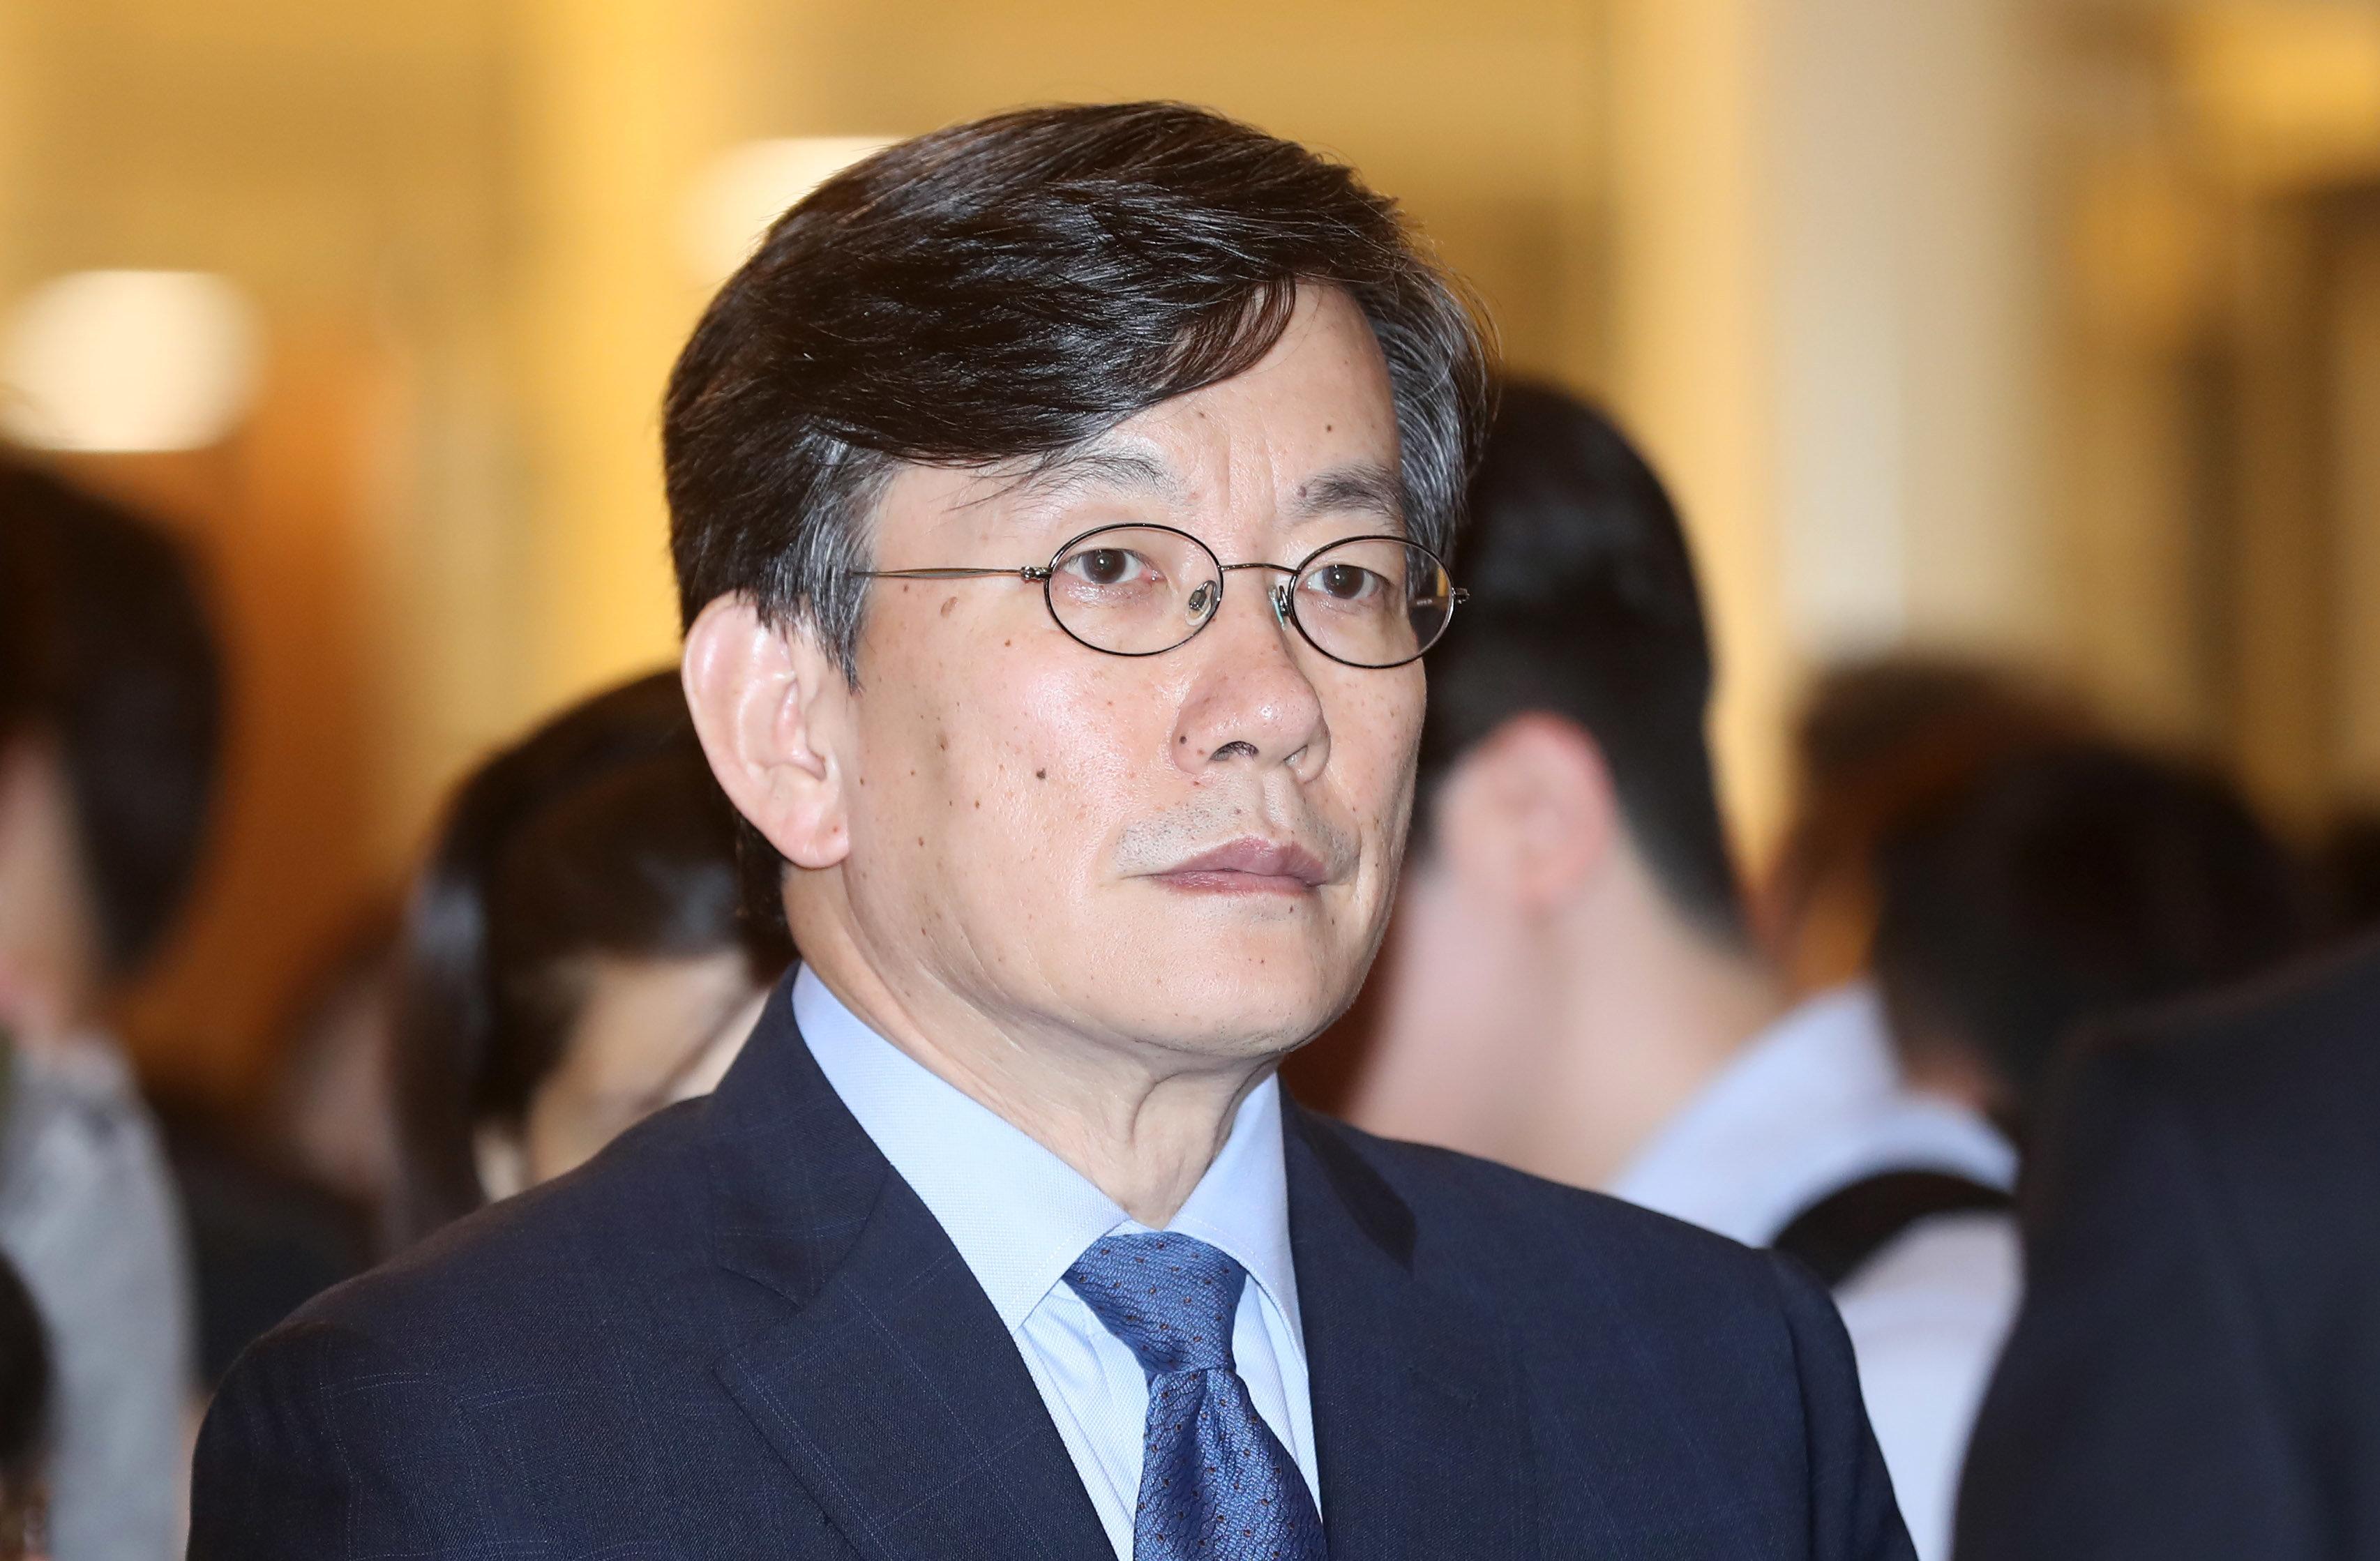 JTBC가 손석희 사장 '접촉사고 동승자' 소문에 입장을